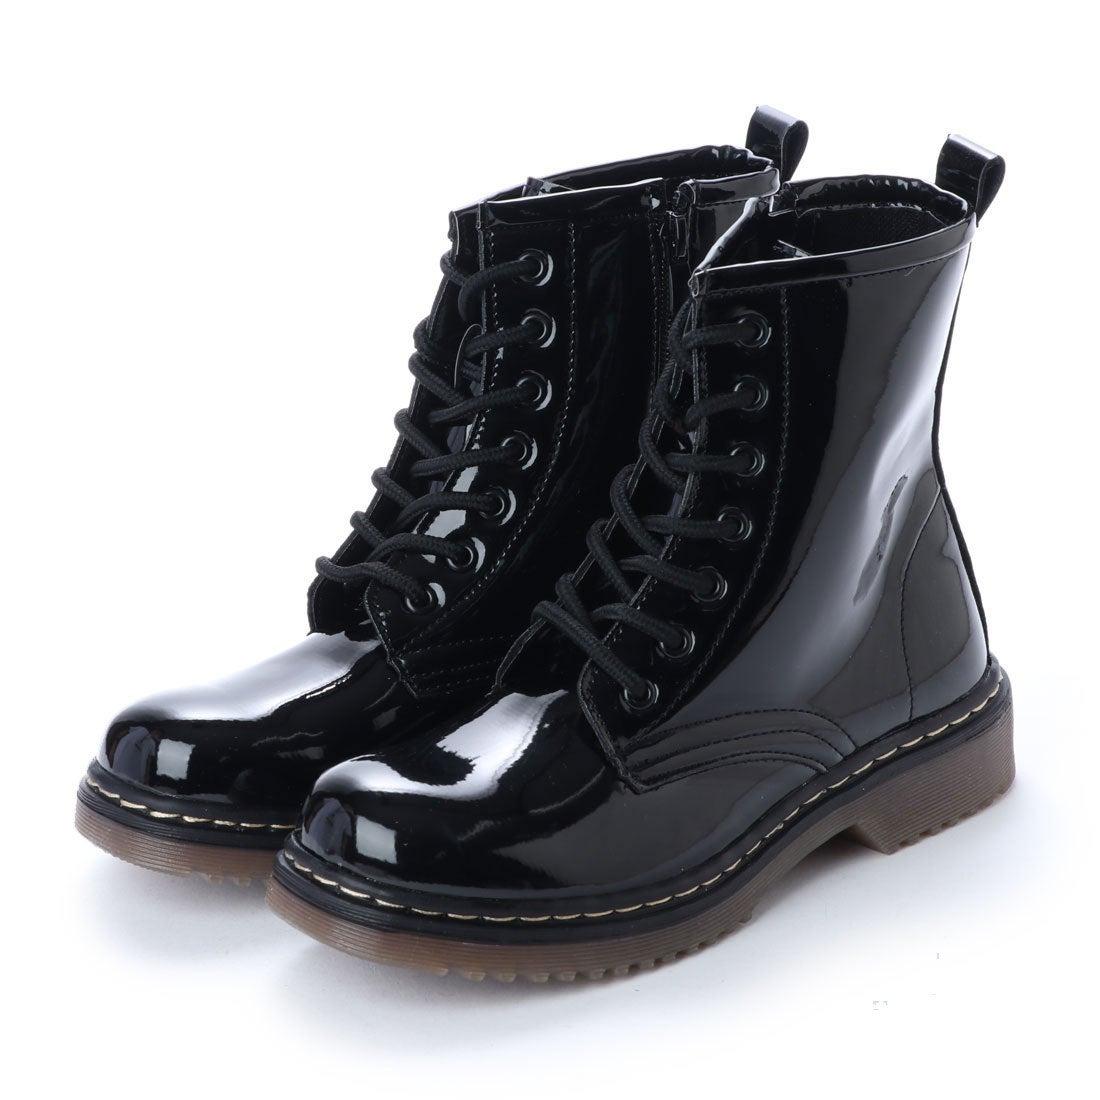 ロコンド 靴とファッションの通販サイトスクランブル scramble 7ホールレースアップワークブーツ エンジニアブーツ レースアップ 春 ブーツ (ブラック/エナメル)